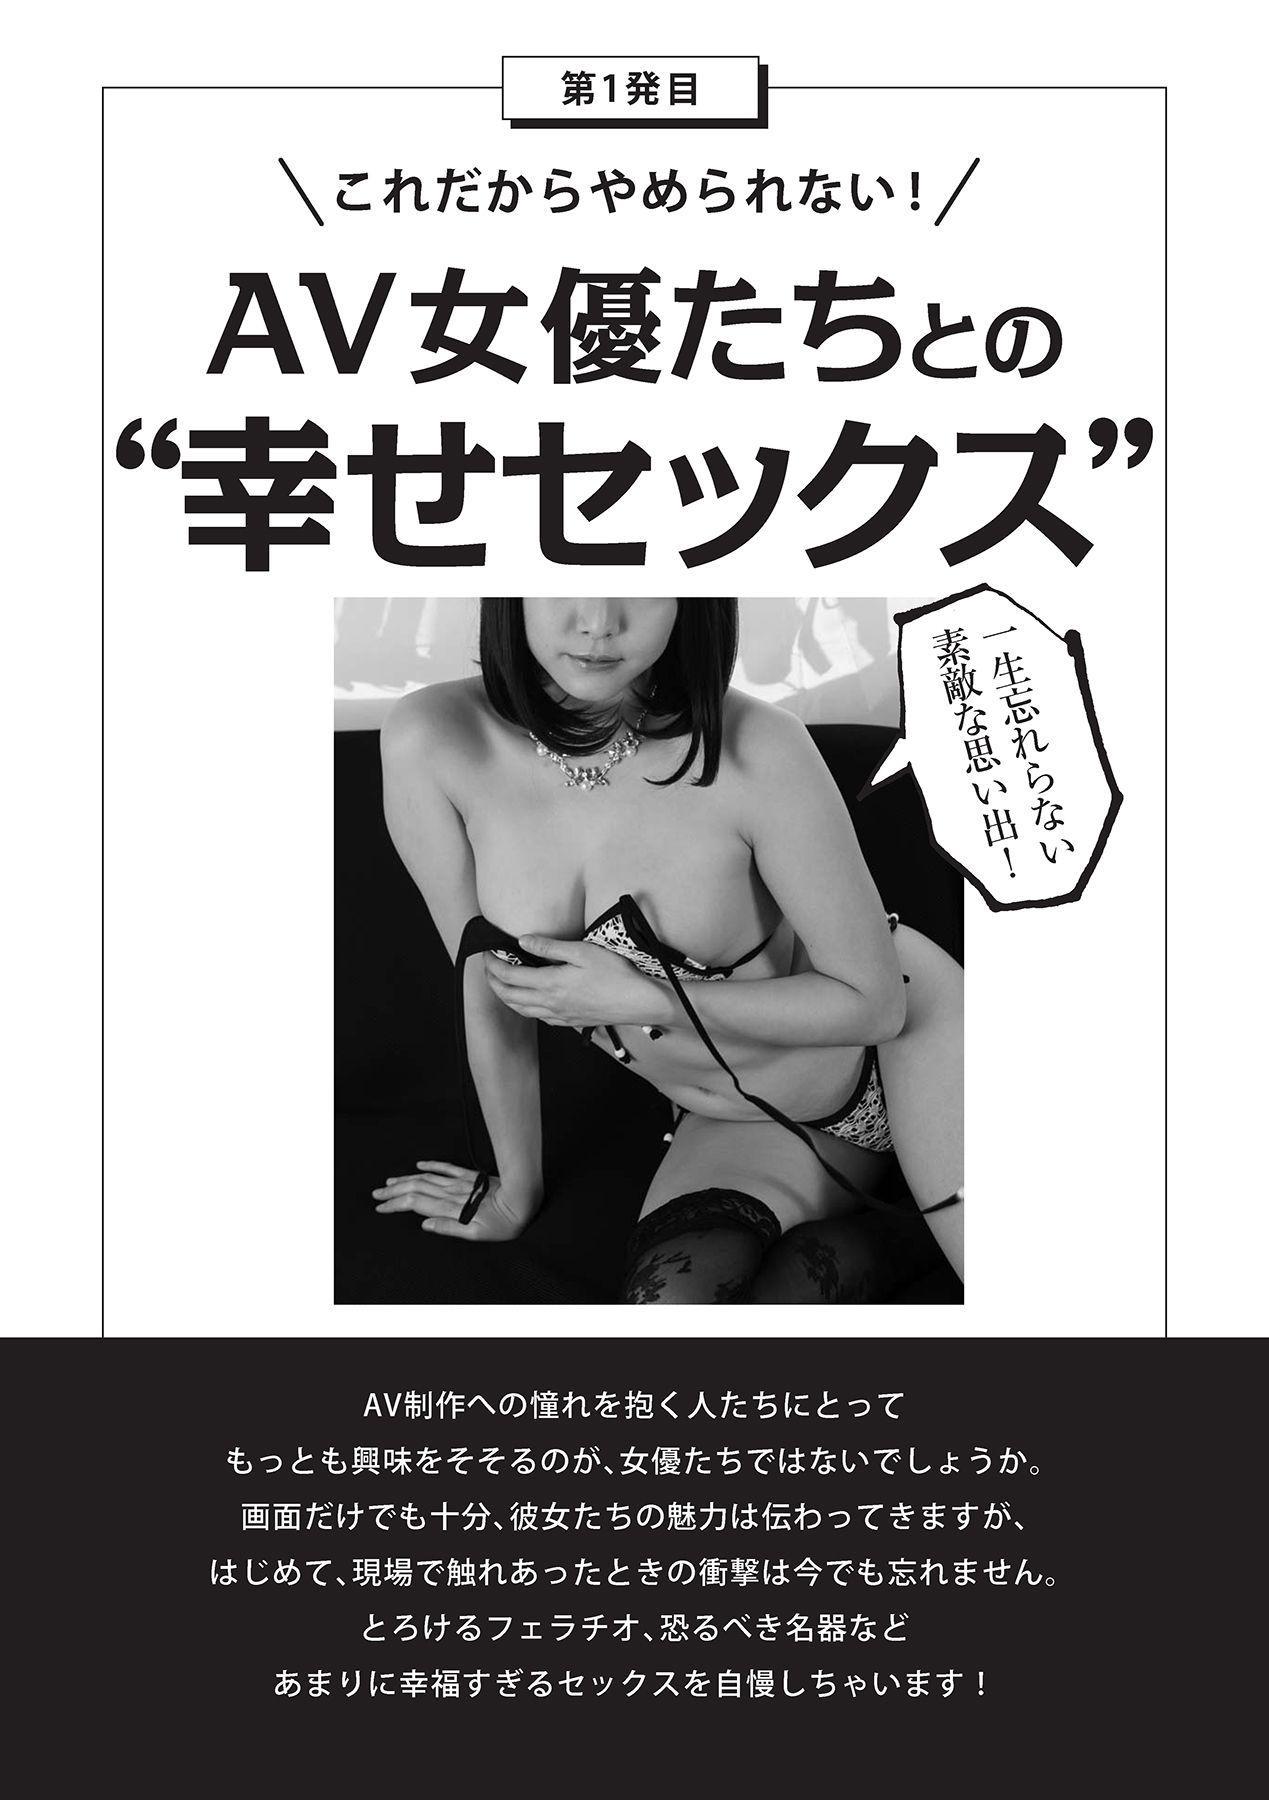 AV男優になろう! イラスト版 ヤリすぎッ! 26